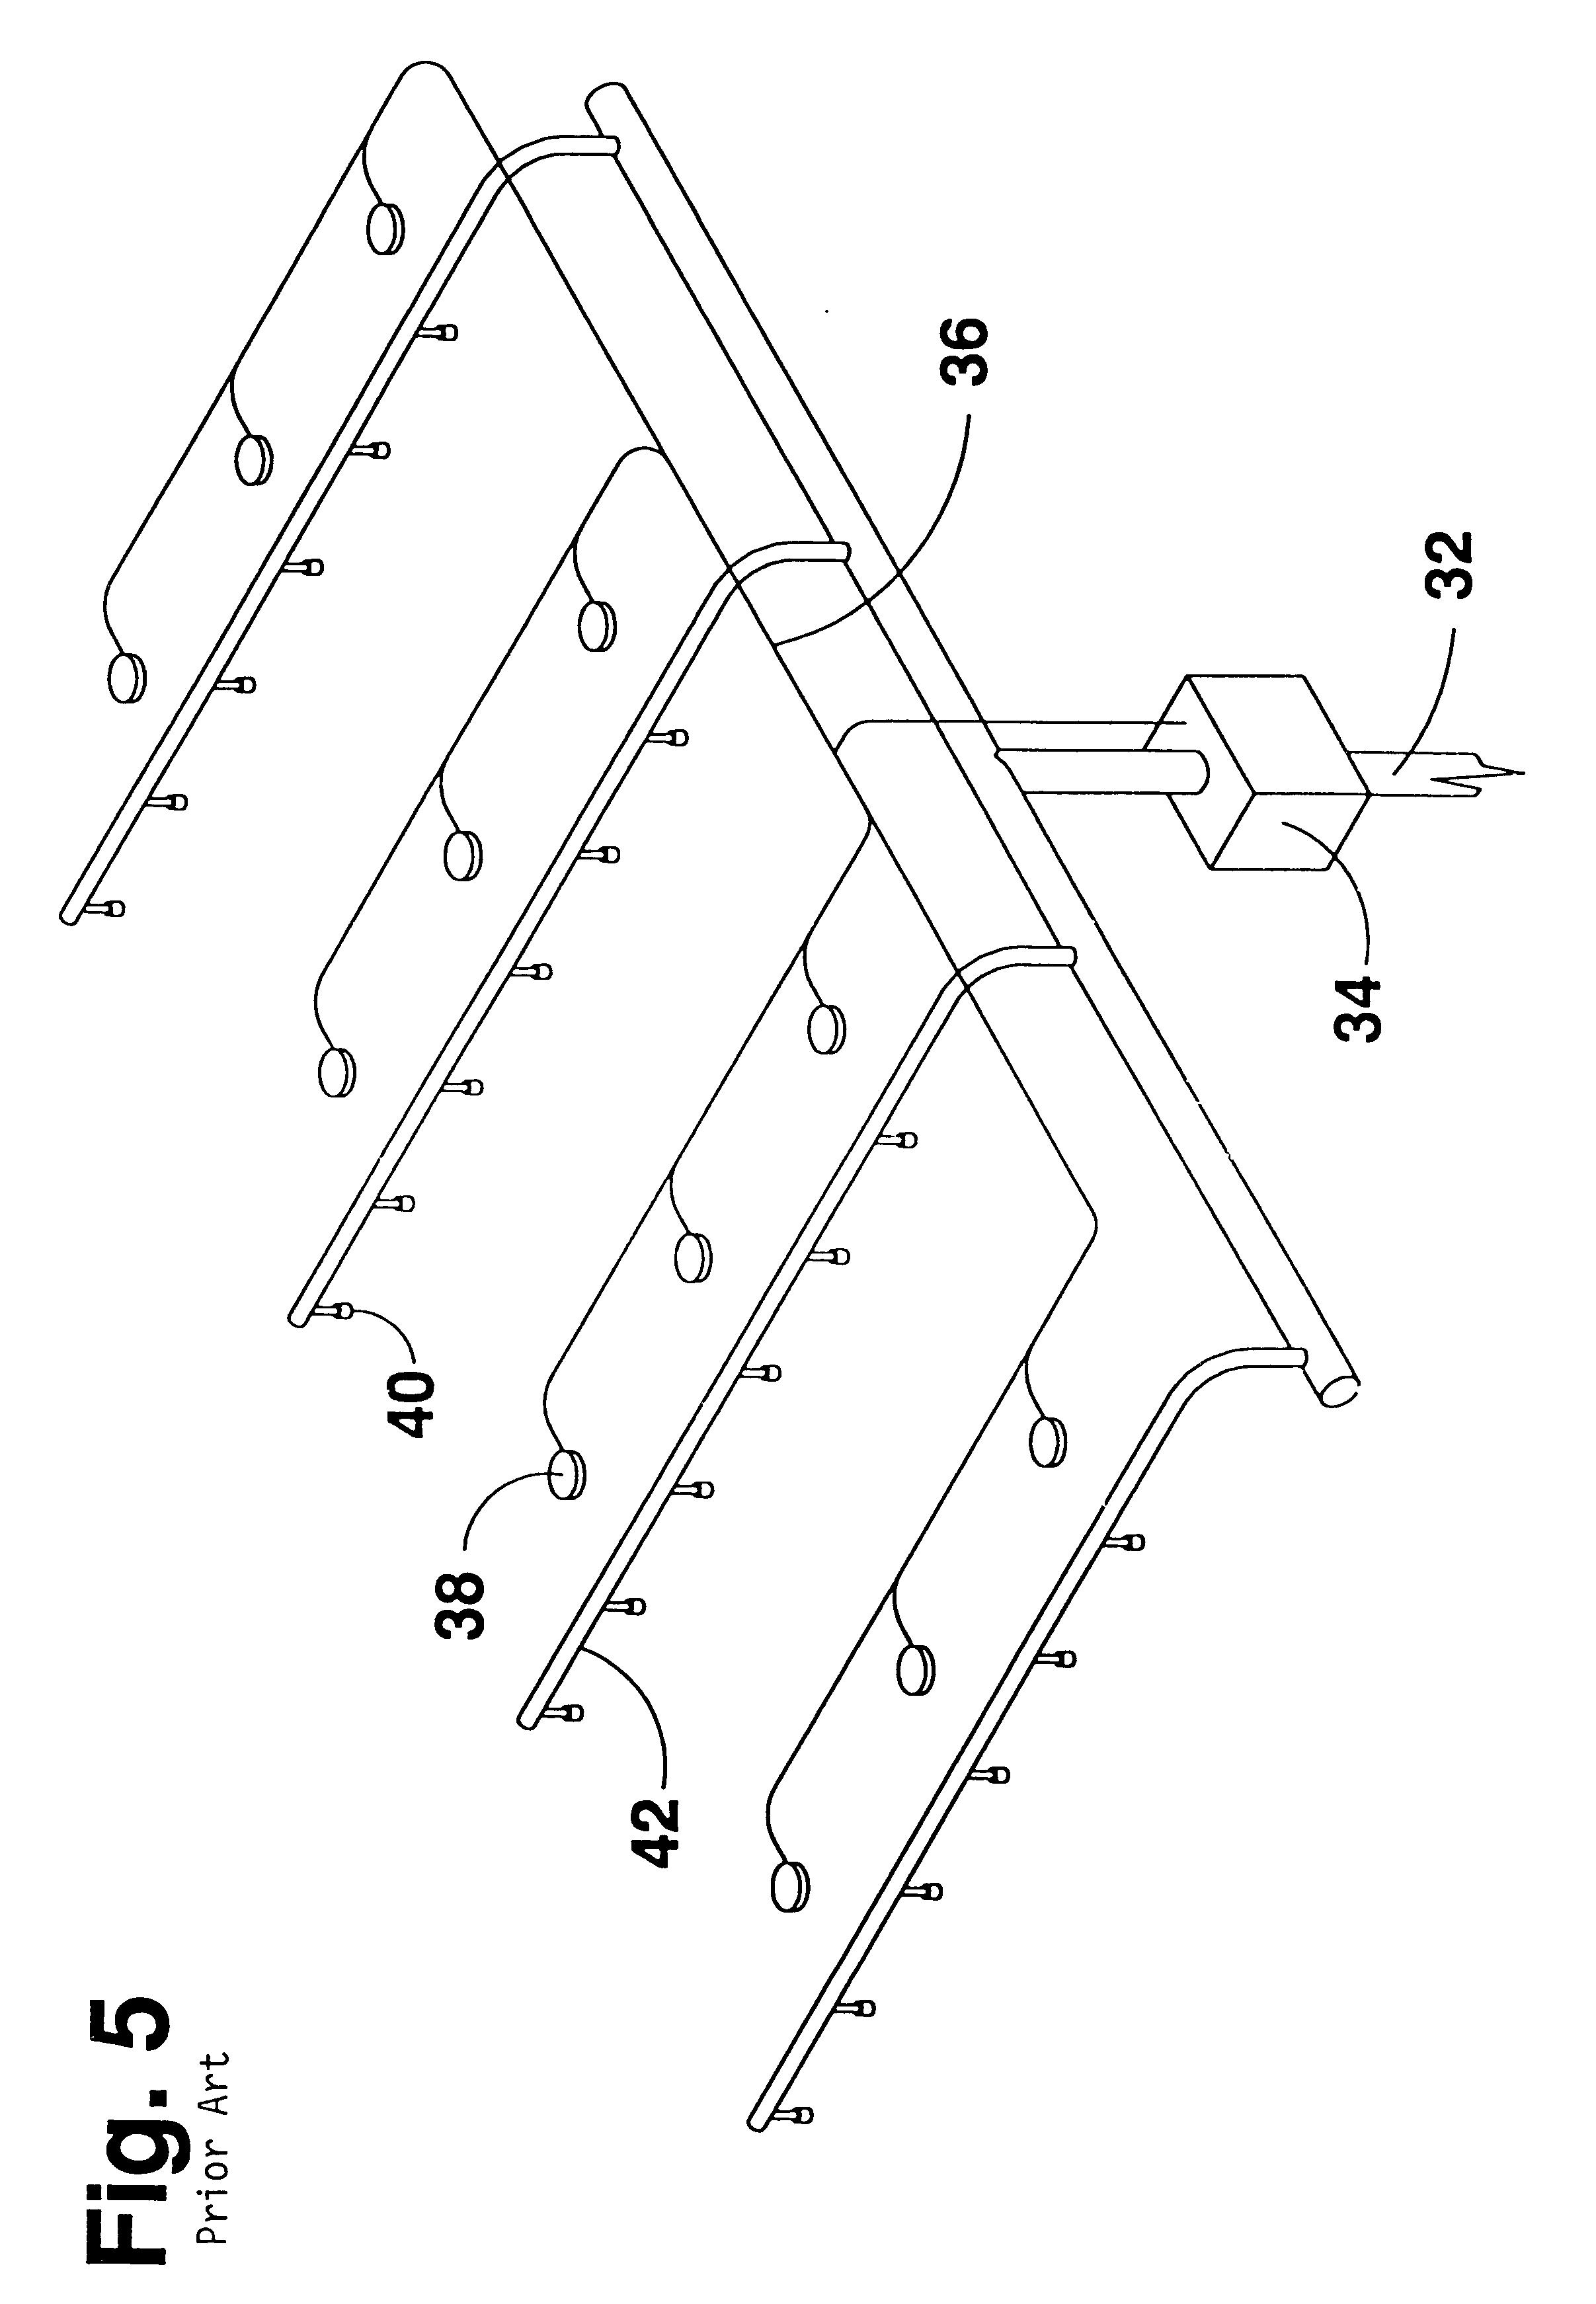 patent us6209654 - deluge fire sprinkler system